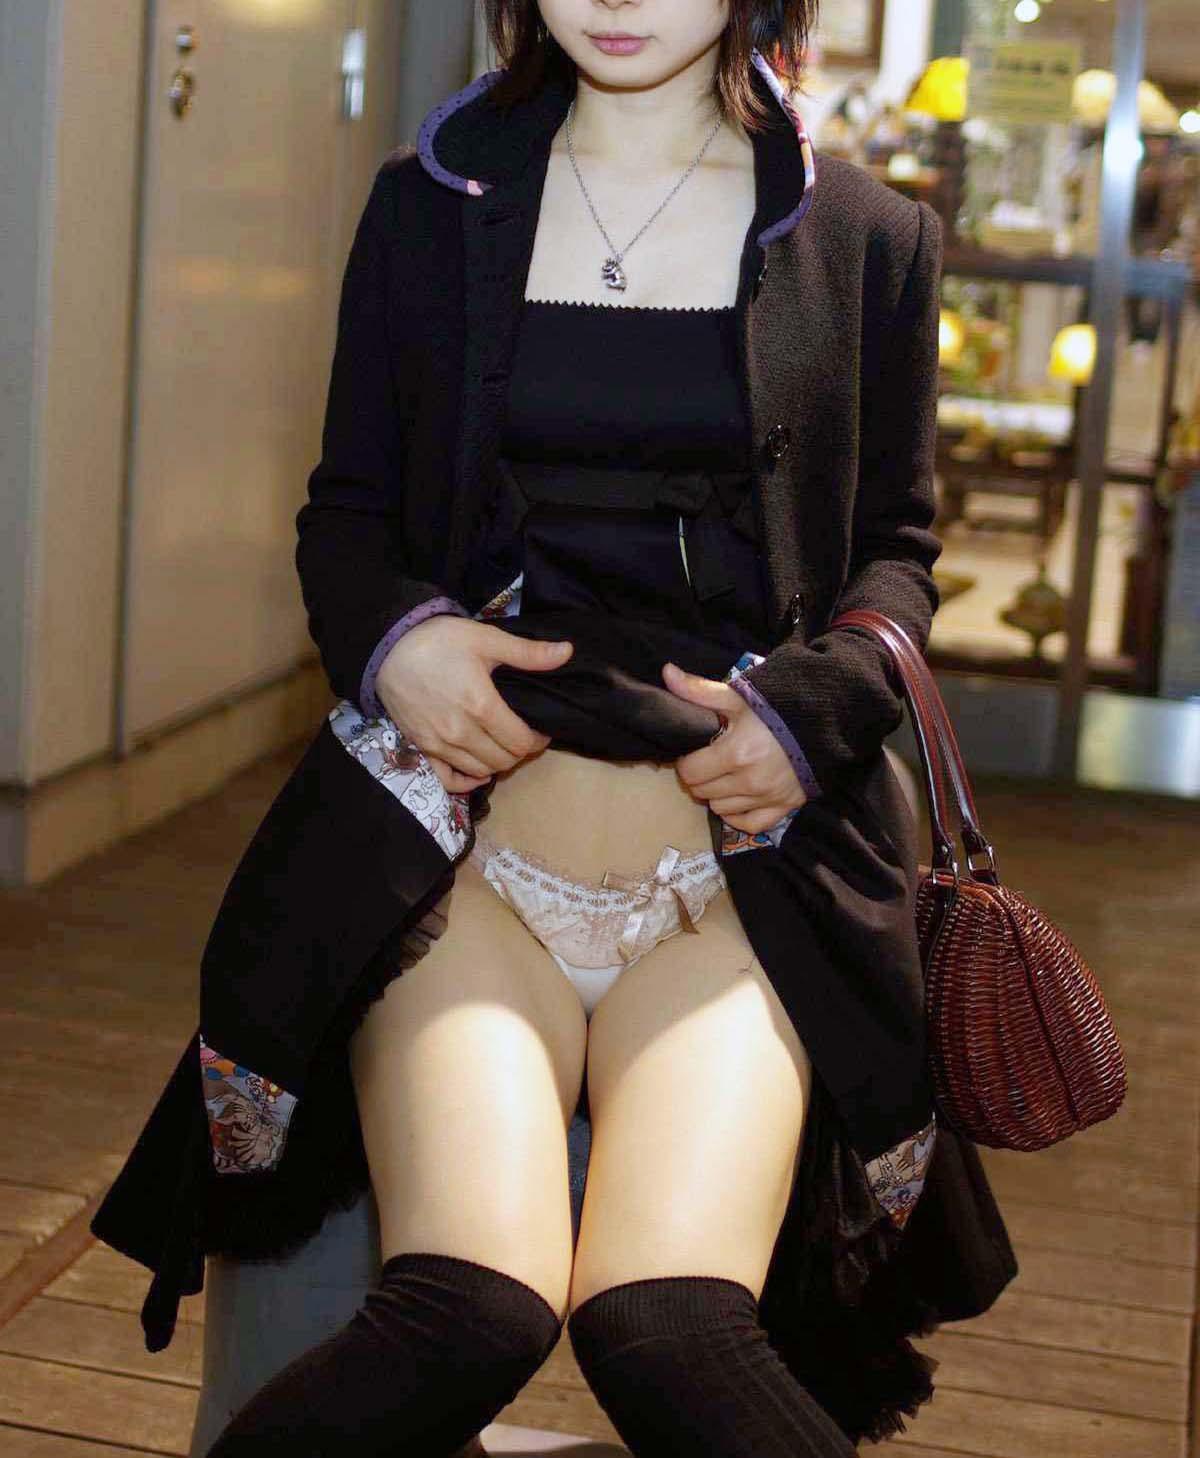 清楚美女の色白美脚と純白下着がイヤらしい!